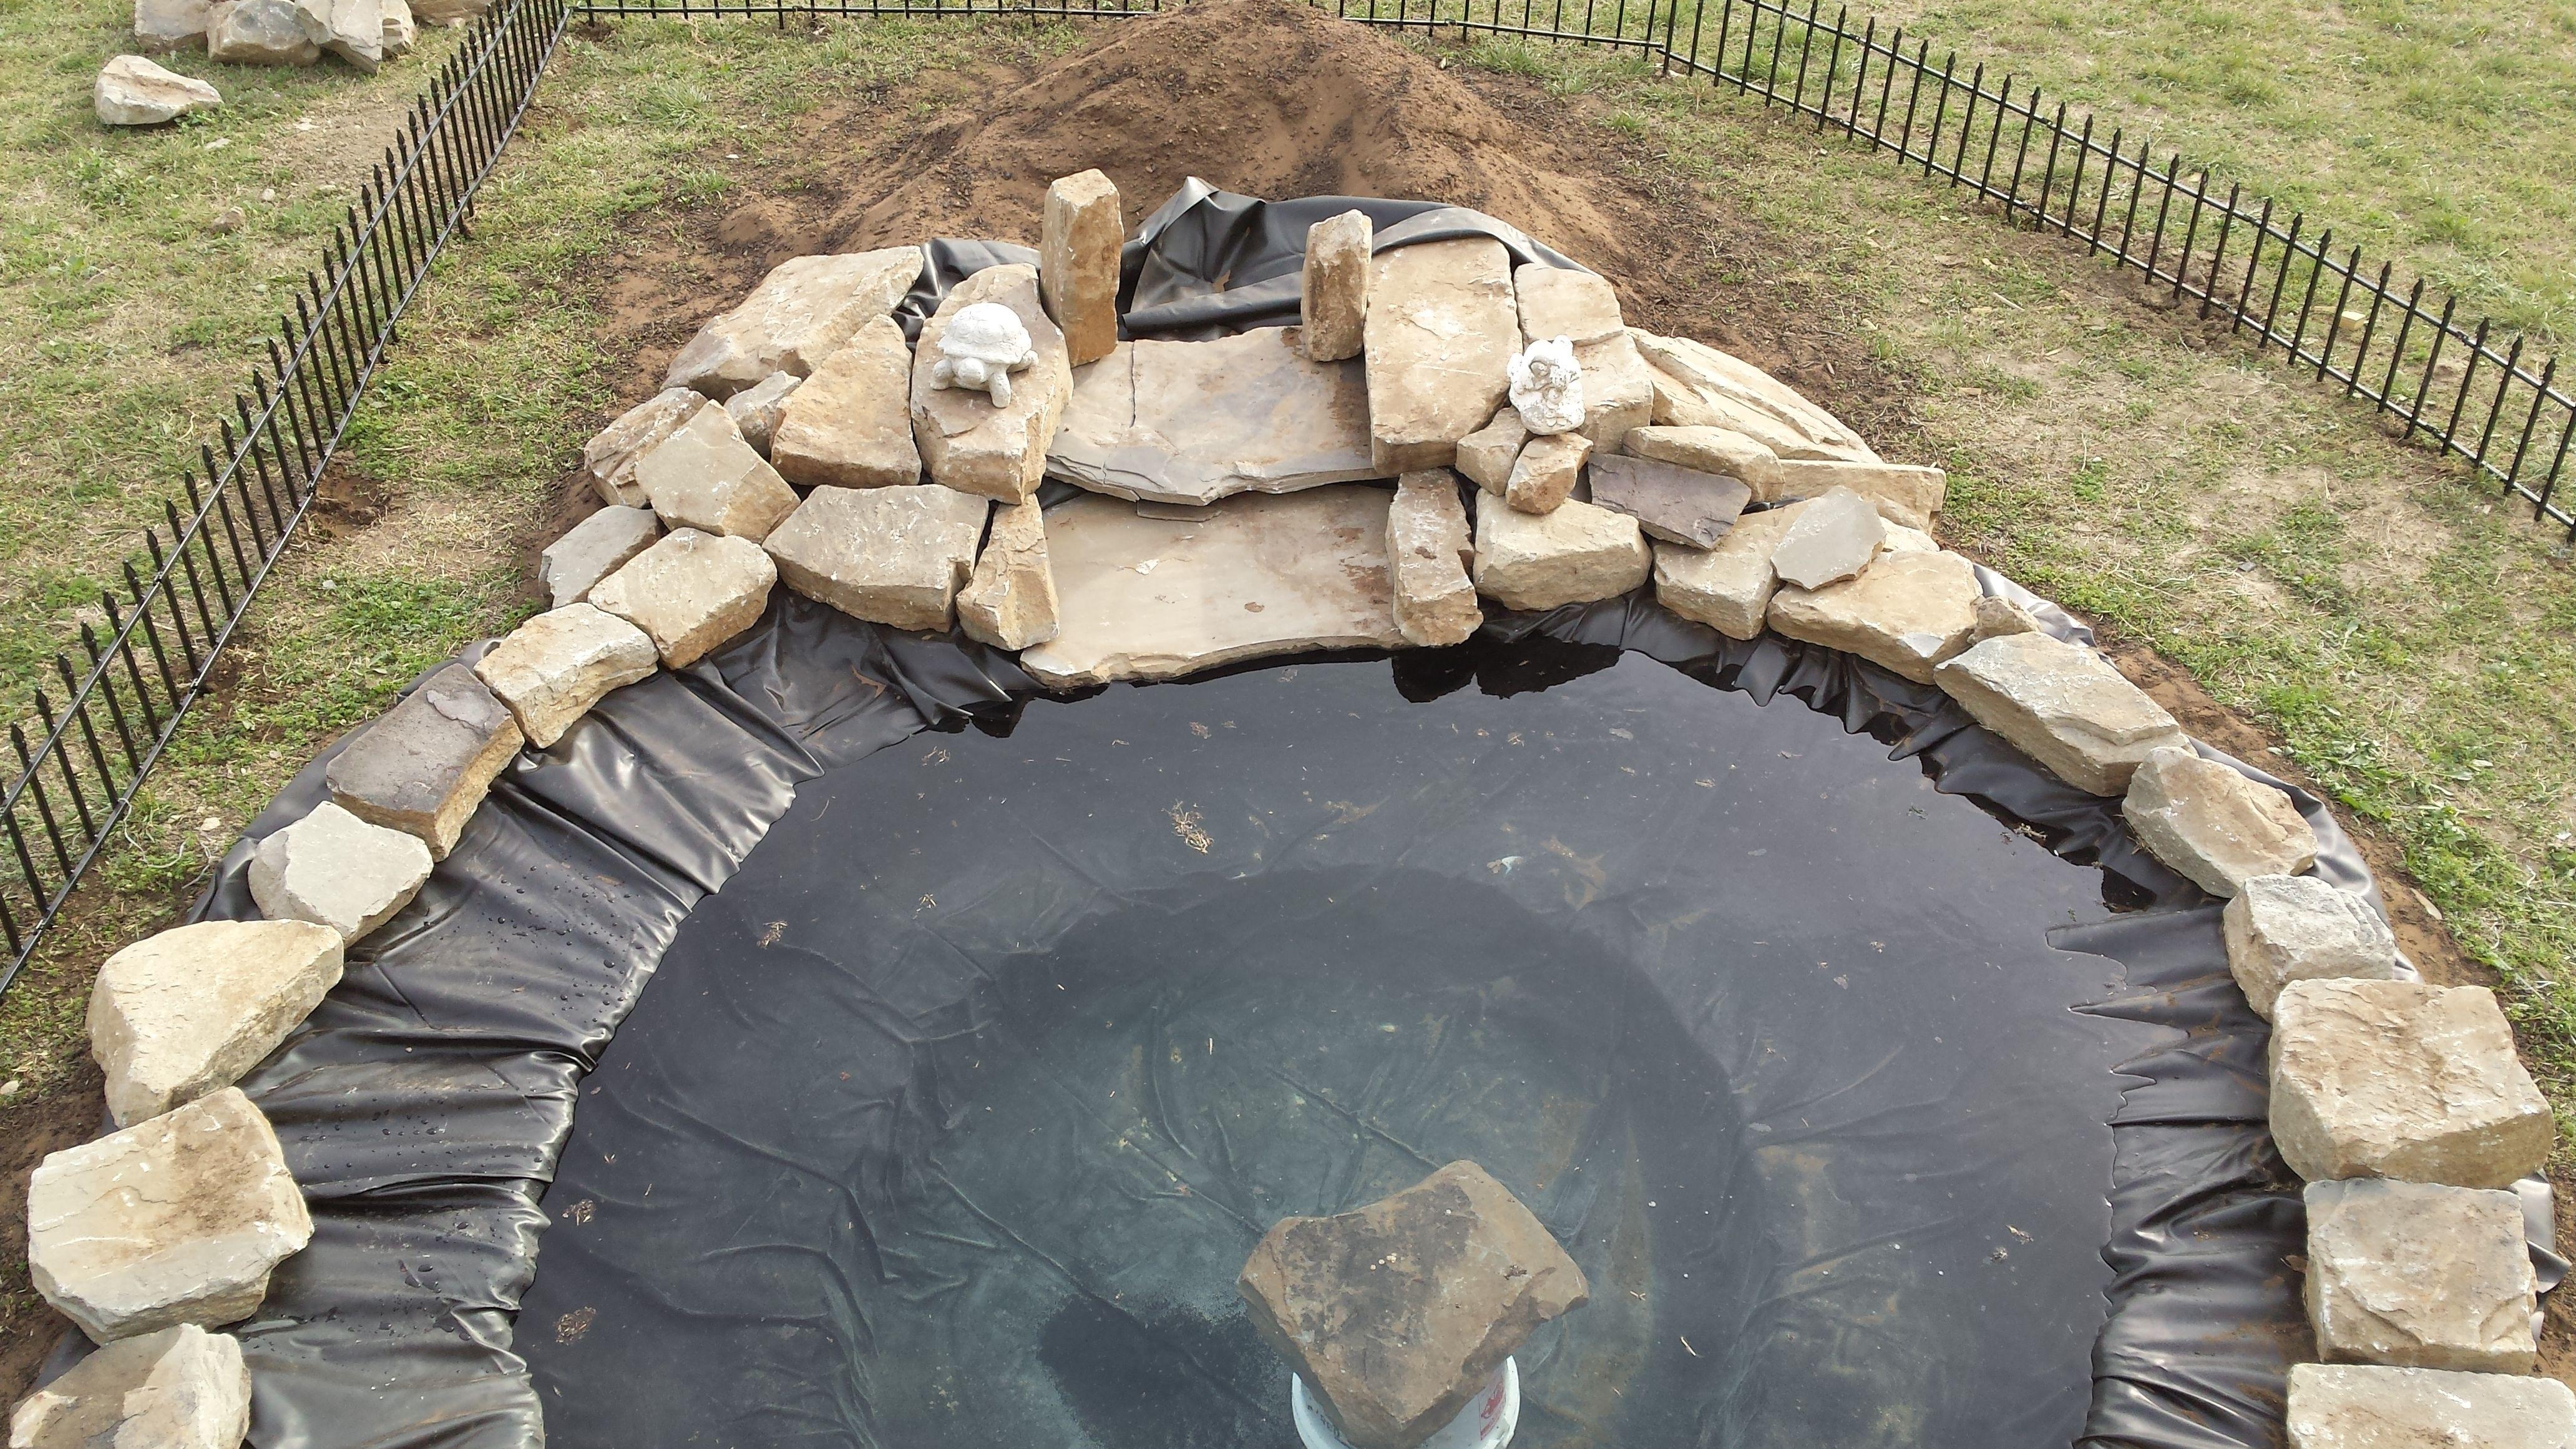 back yard turtle pond filled | Turtle pond, Decor, Outdoor ...